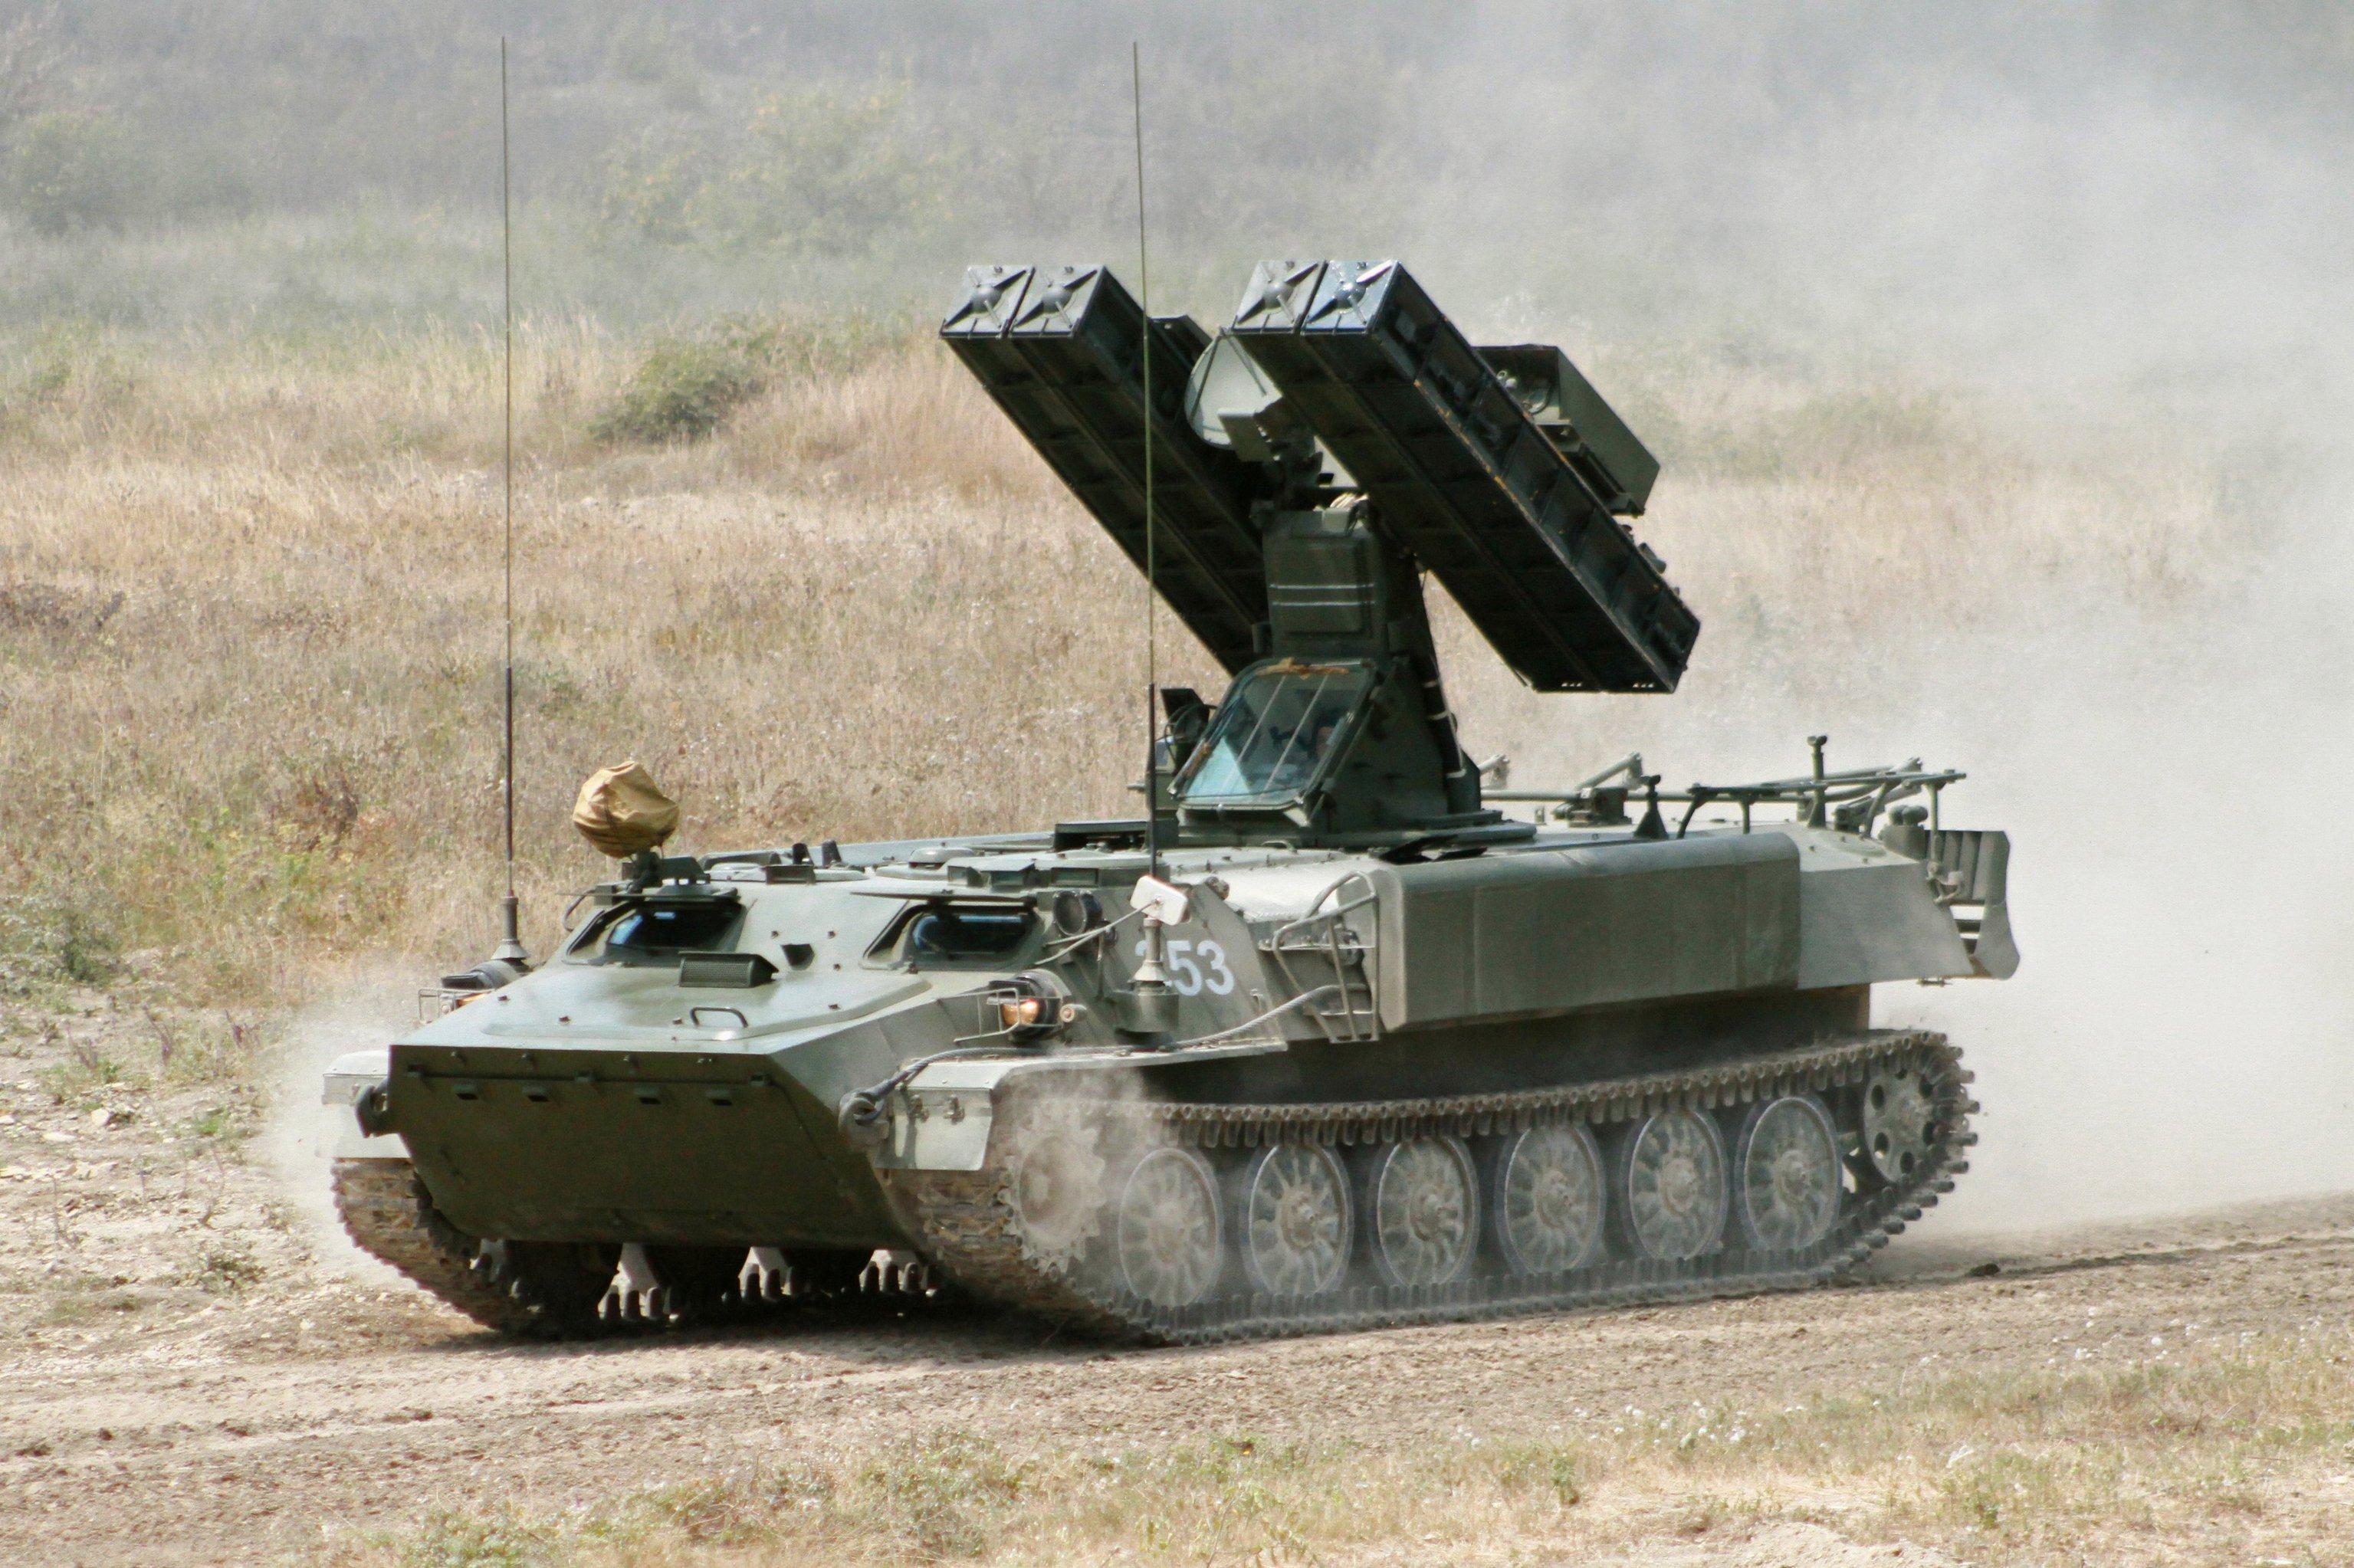 Strela-10MN, complejo de misiles teledirigido